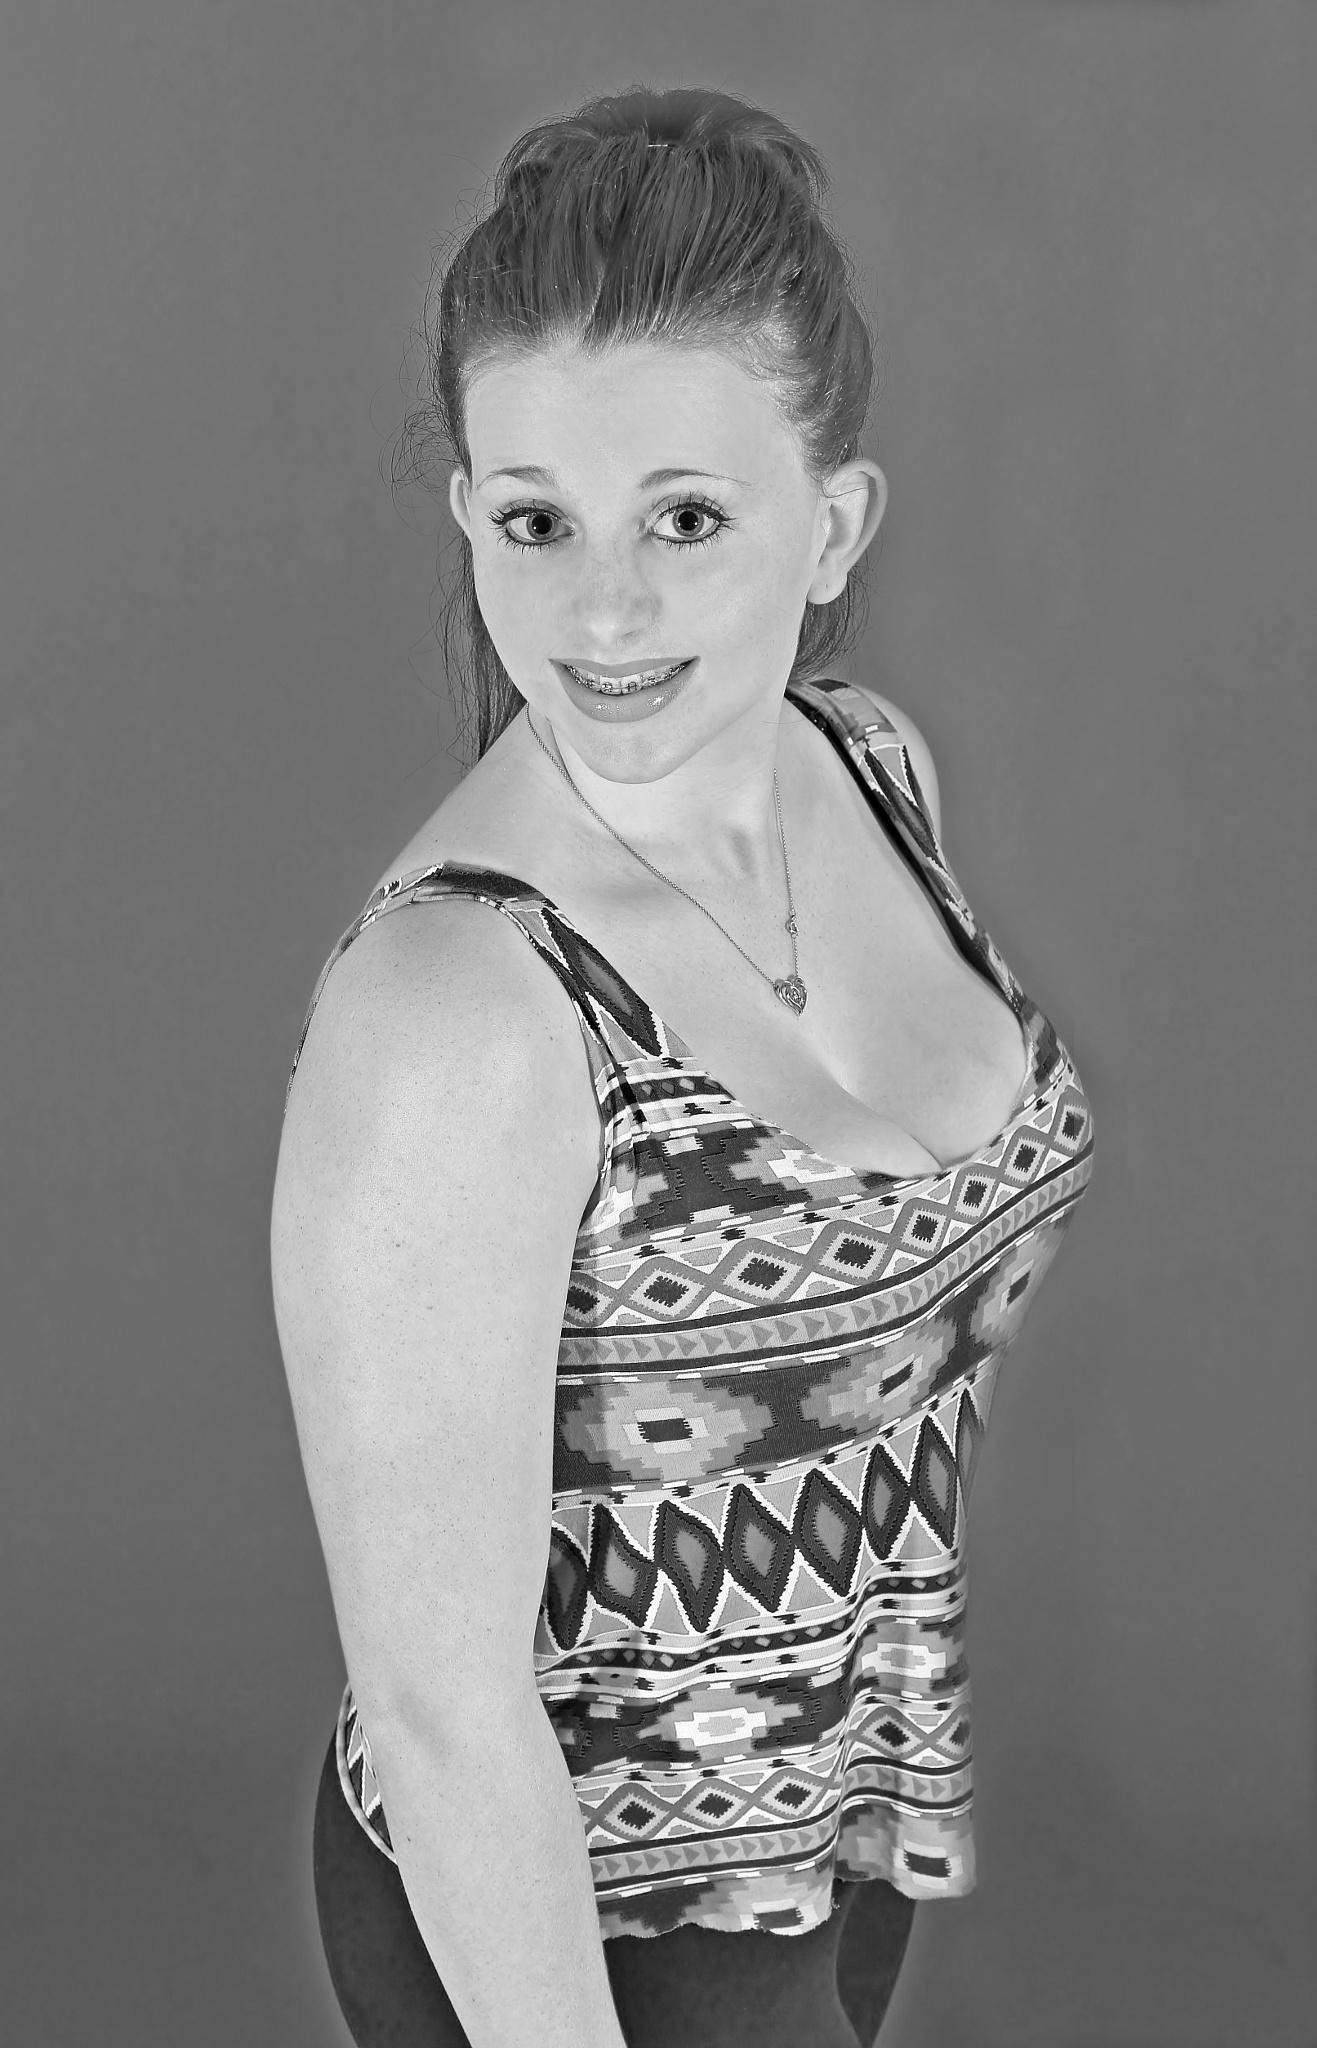 Danielle - Portrait - Monochrome by paul.hosker